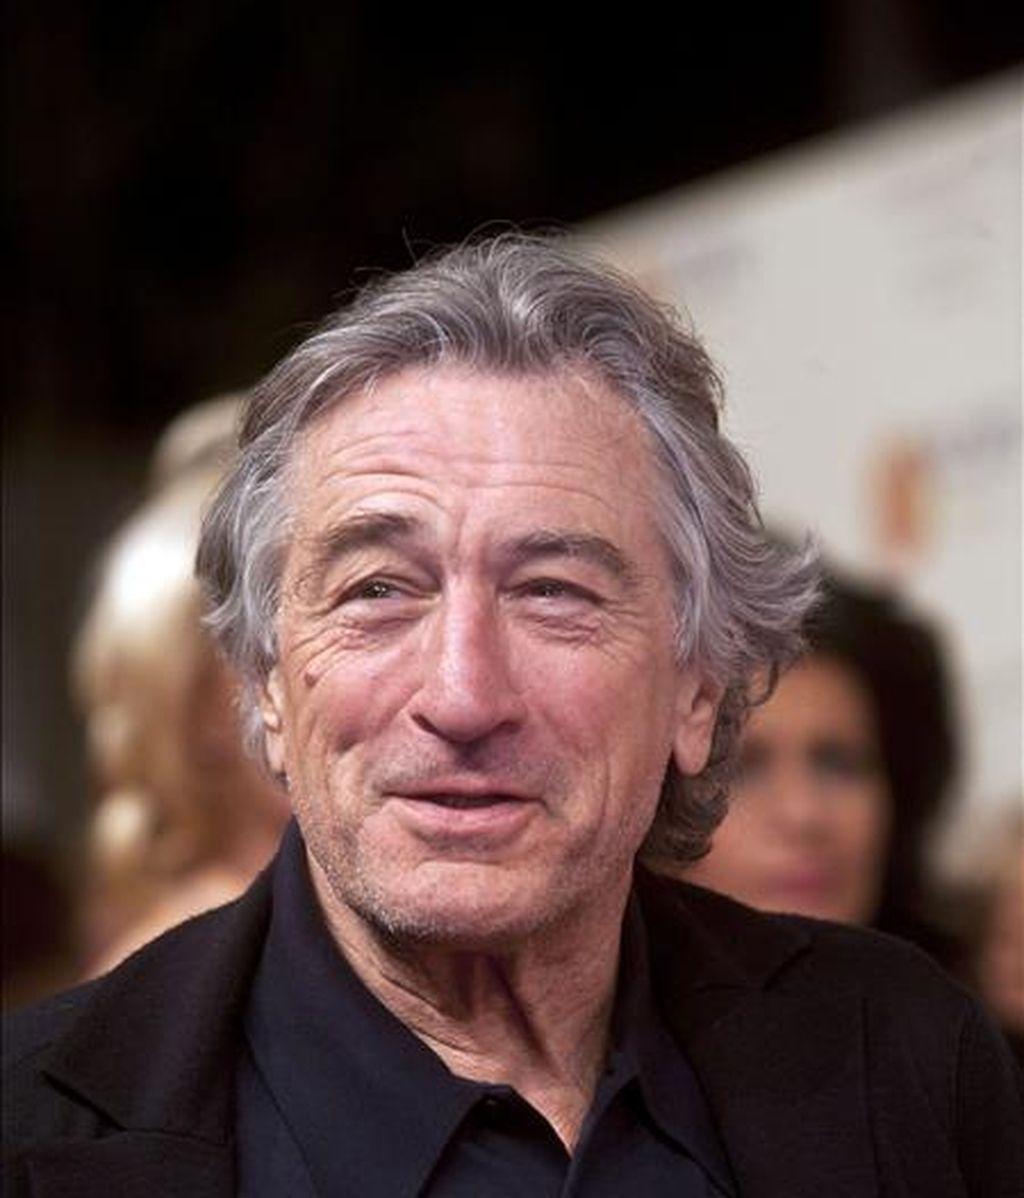 El actor, productor y realizador estadounidense Robert de Niro será el presidente del jurado del 64 Festival de Cannes, que se celebrará entre el 11 y el 22 de mayo, anunciaron hoy sus organizadores en un comunicado. EFE/Archivo